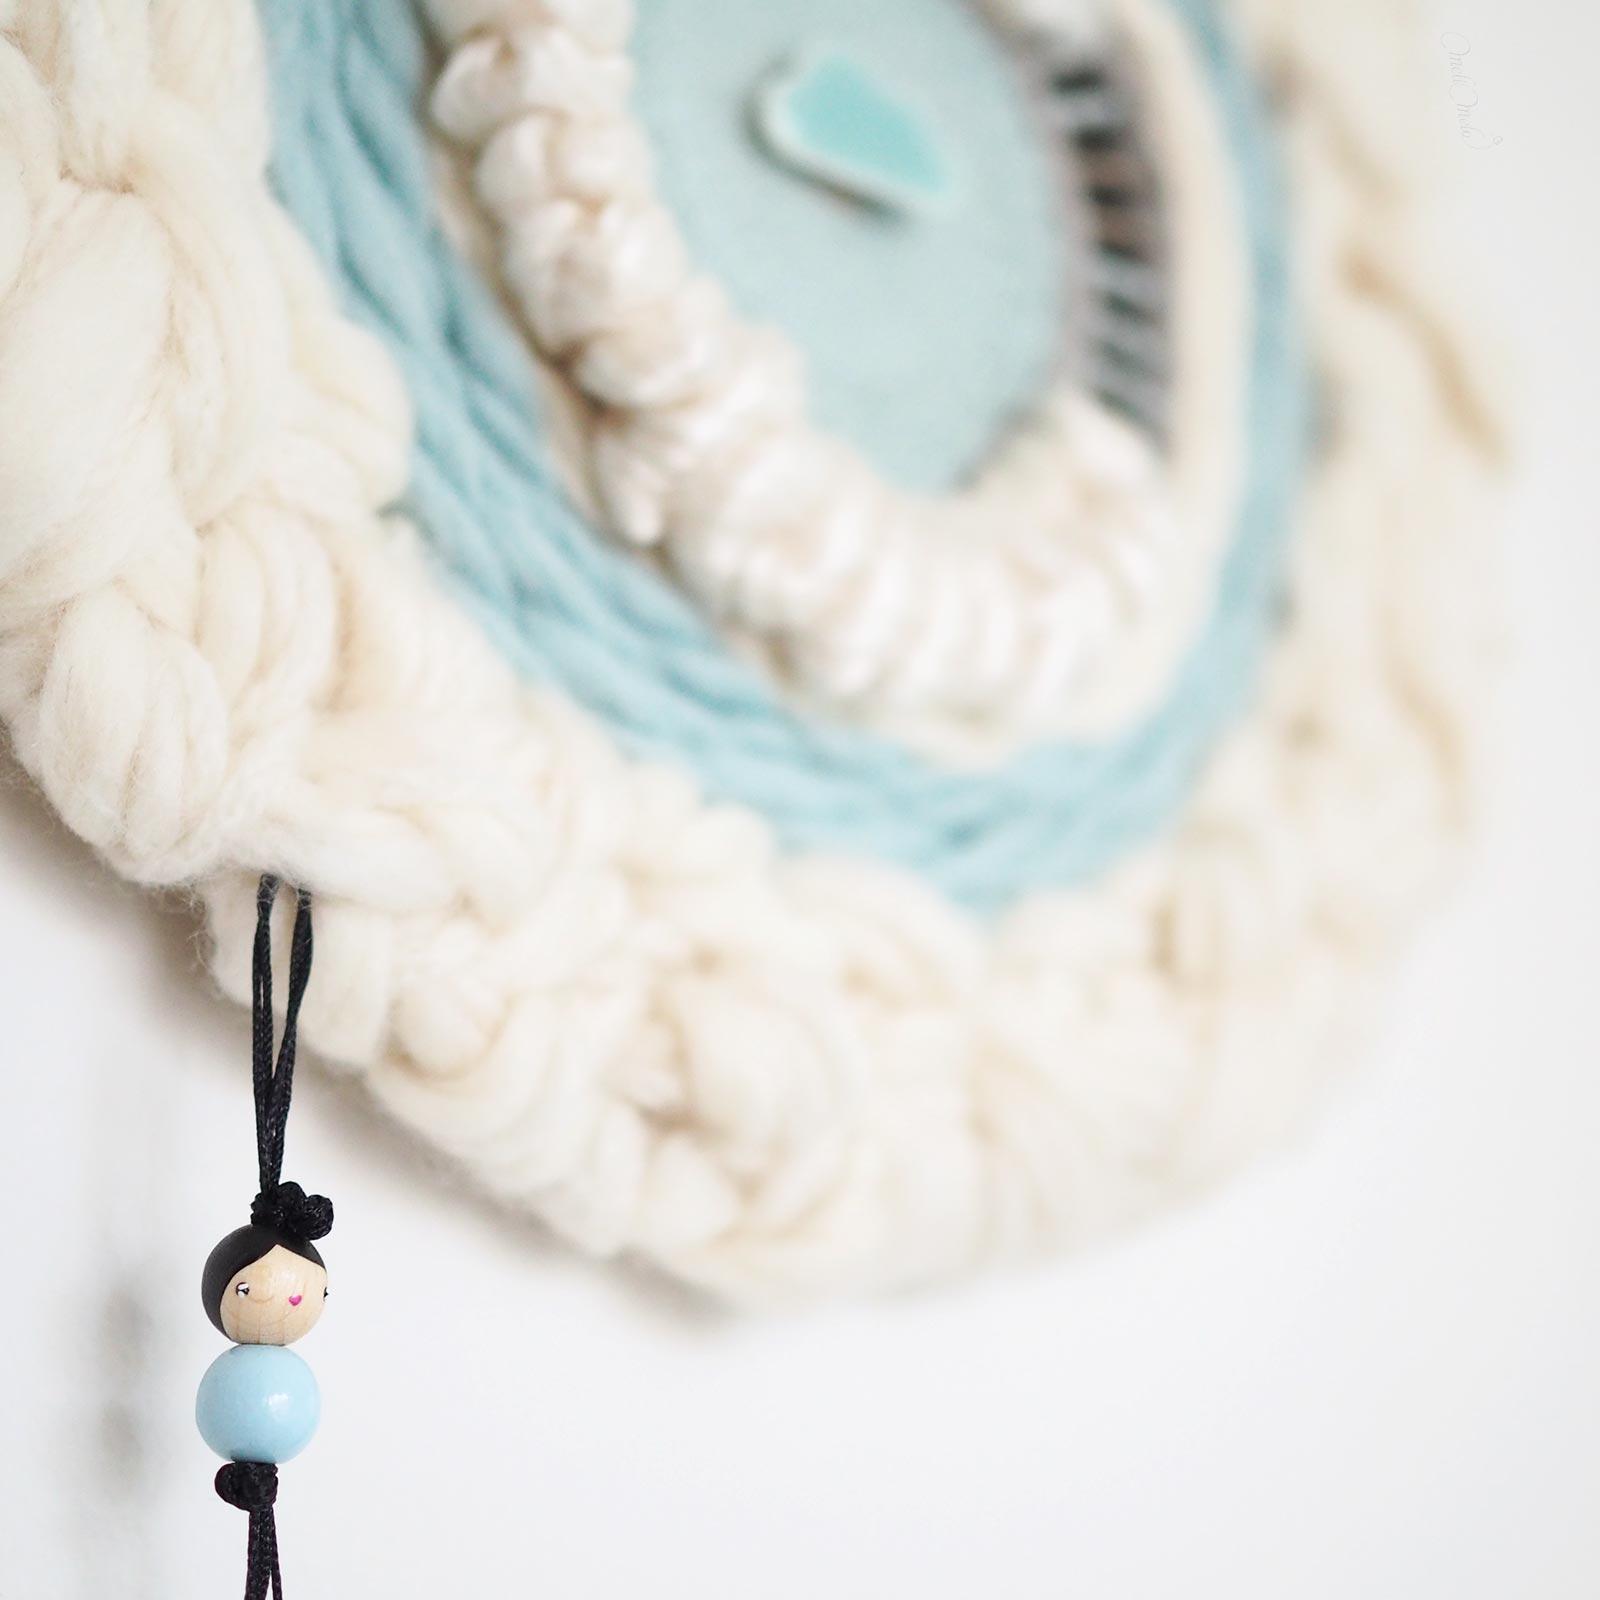 Round weaving tissage circulaire Lune poupée Les Pois Plumes laboutiquedemelimelo